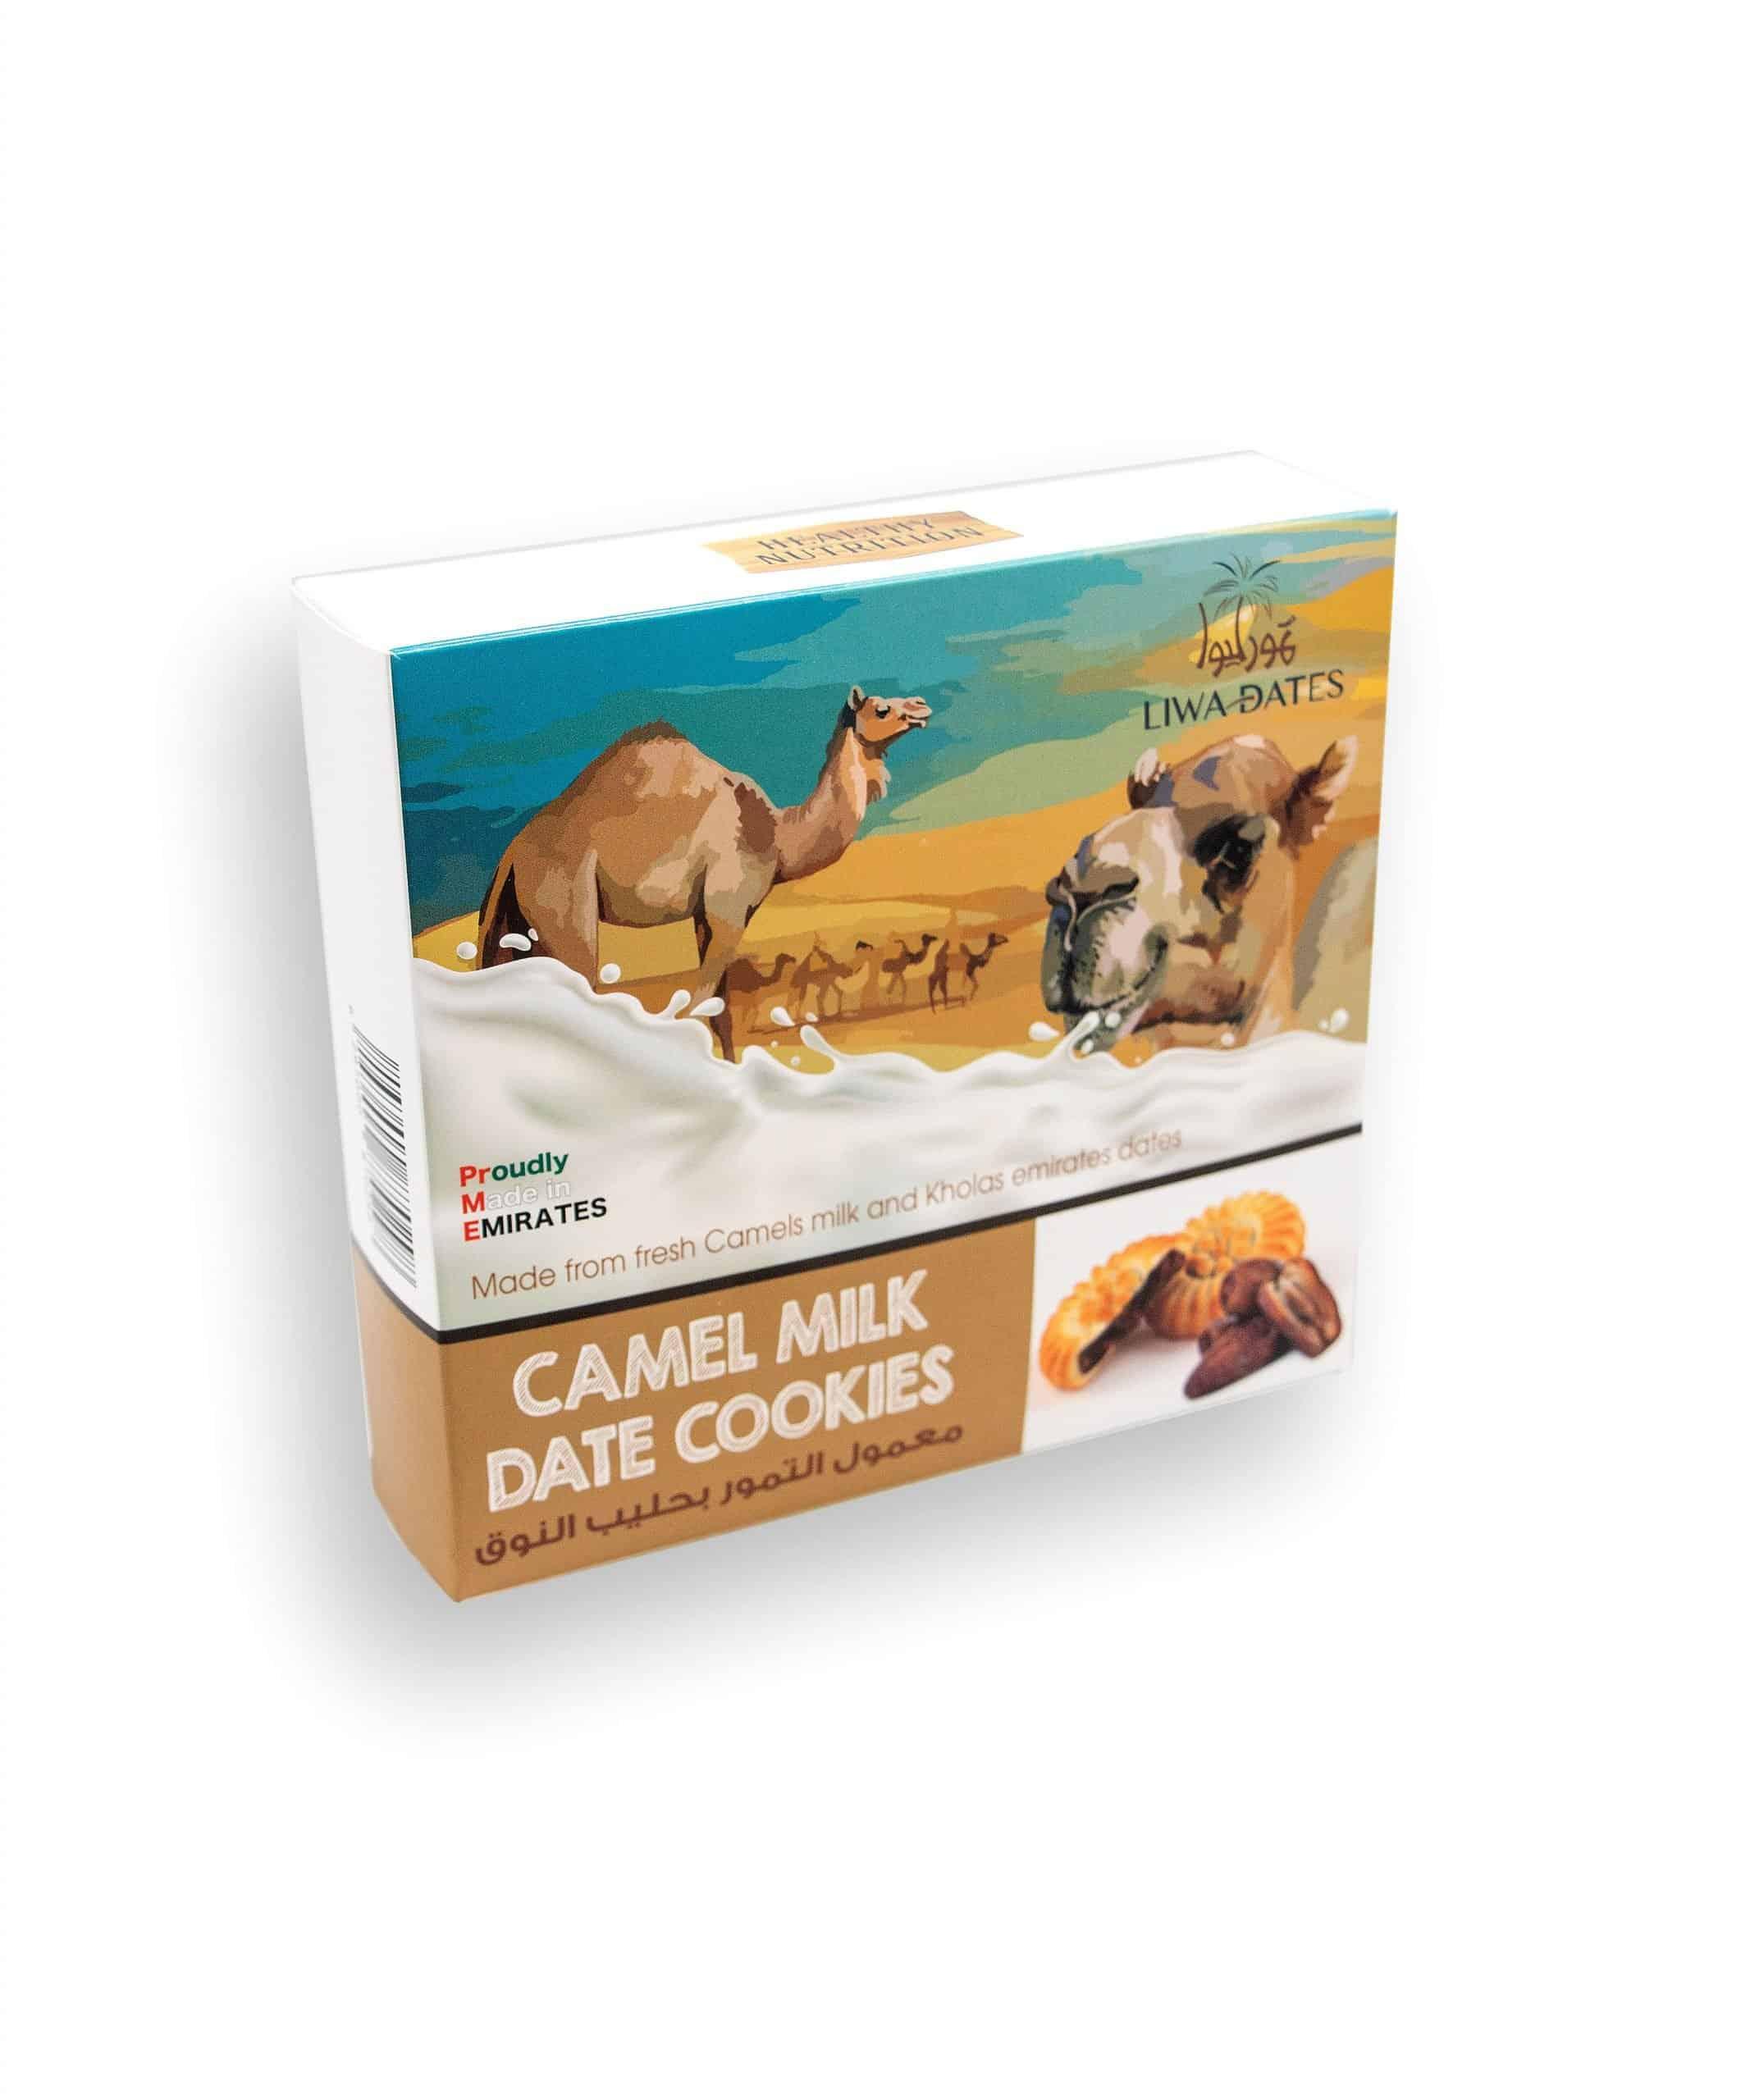 Camel Milk date cookies